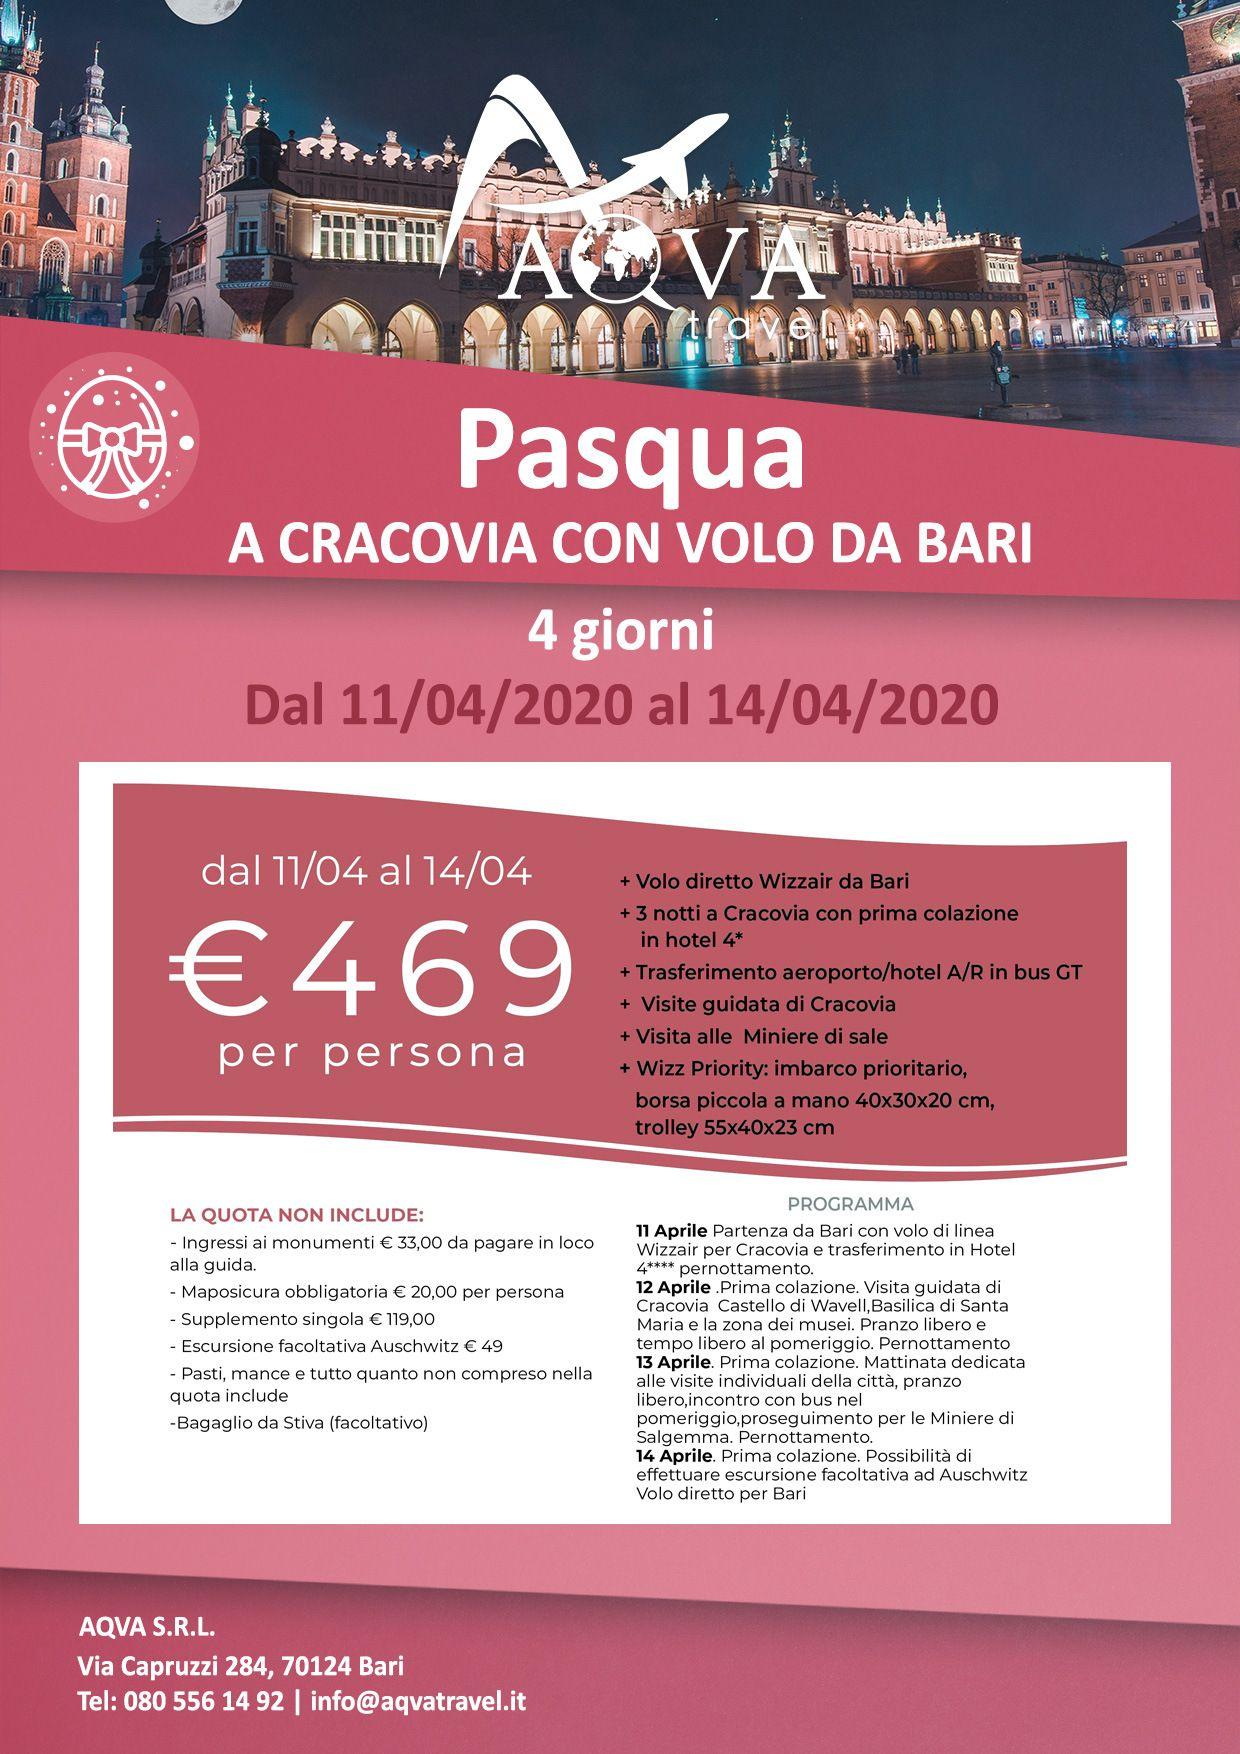 PASQUA-A-CRACOVIA-CON-VOLO-DA-BARI-Pasqua-offerte-agenzia-di-viaggi-Bari-AQVATRAVEL-it